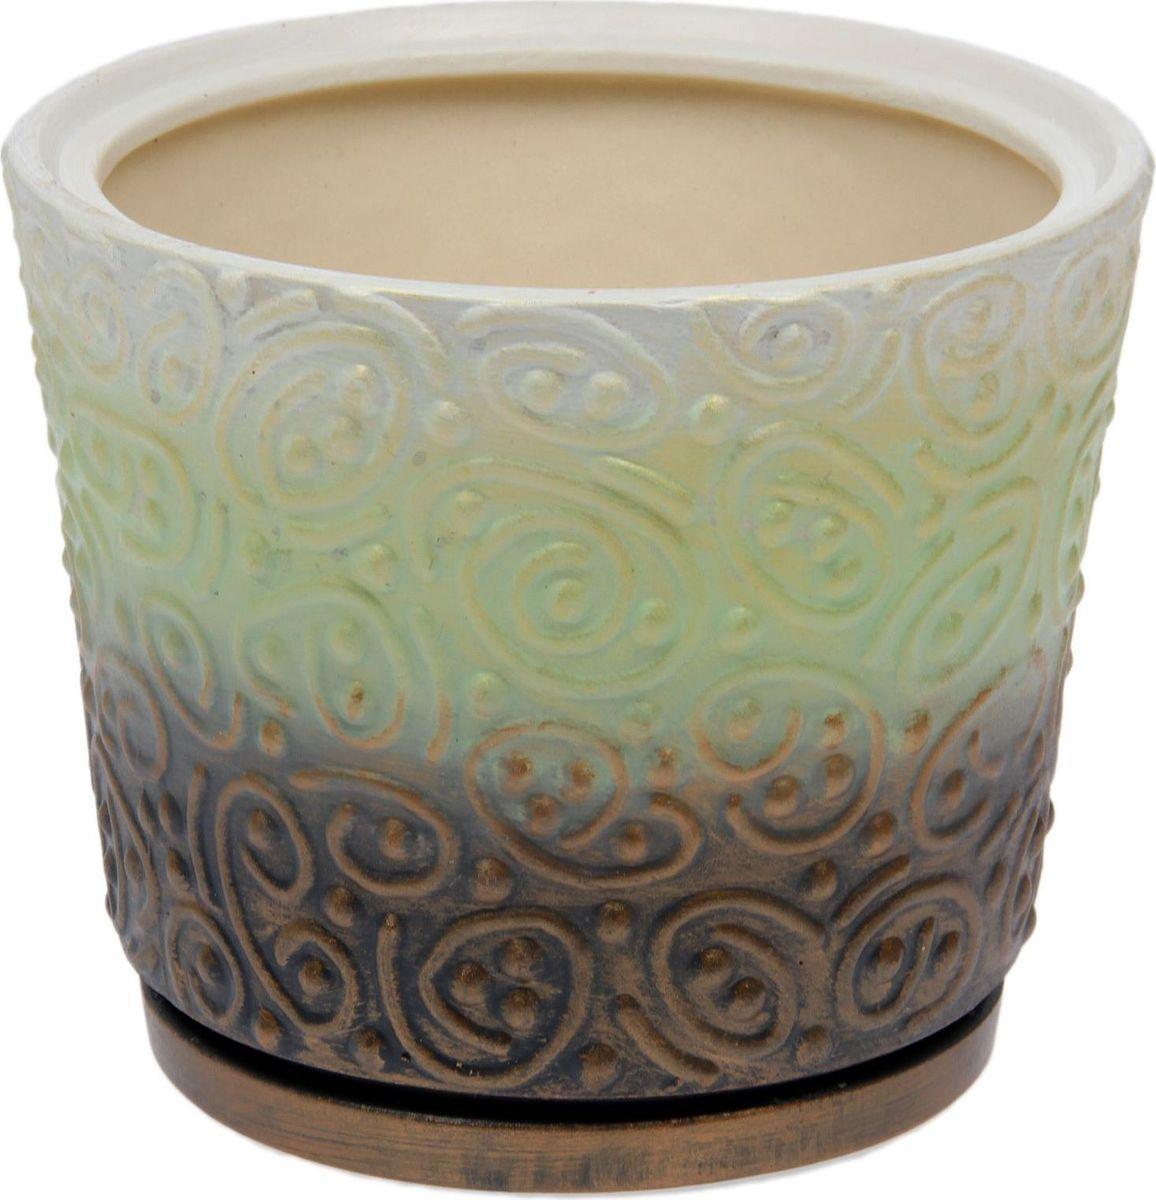 Кашпо Керамика ручной работы Серпантин, цвет: зеленый, 3,5 л1475901Комнатные растения — всеобщие любимцы. Они радуют глаз, насыщают помещение кислородом и украшают пространство. Каждому из них необходим свой удобный и красивый дом. Кашпо из керамики прекрасно подходят для высадки растений: за счёт пластичности глины и разных способов обработки существует великое множество форм и дизайновпористый материал позволяет испаряться лишней влагевоздух, необходимый для дыхания корней, проникает сквозь керамические стенки! #name# позаботится о зелёном питомце, освежит интерьер и подчеркнёт его стиль.